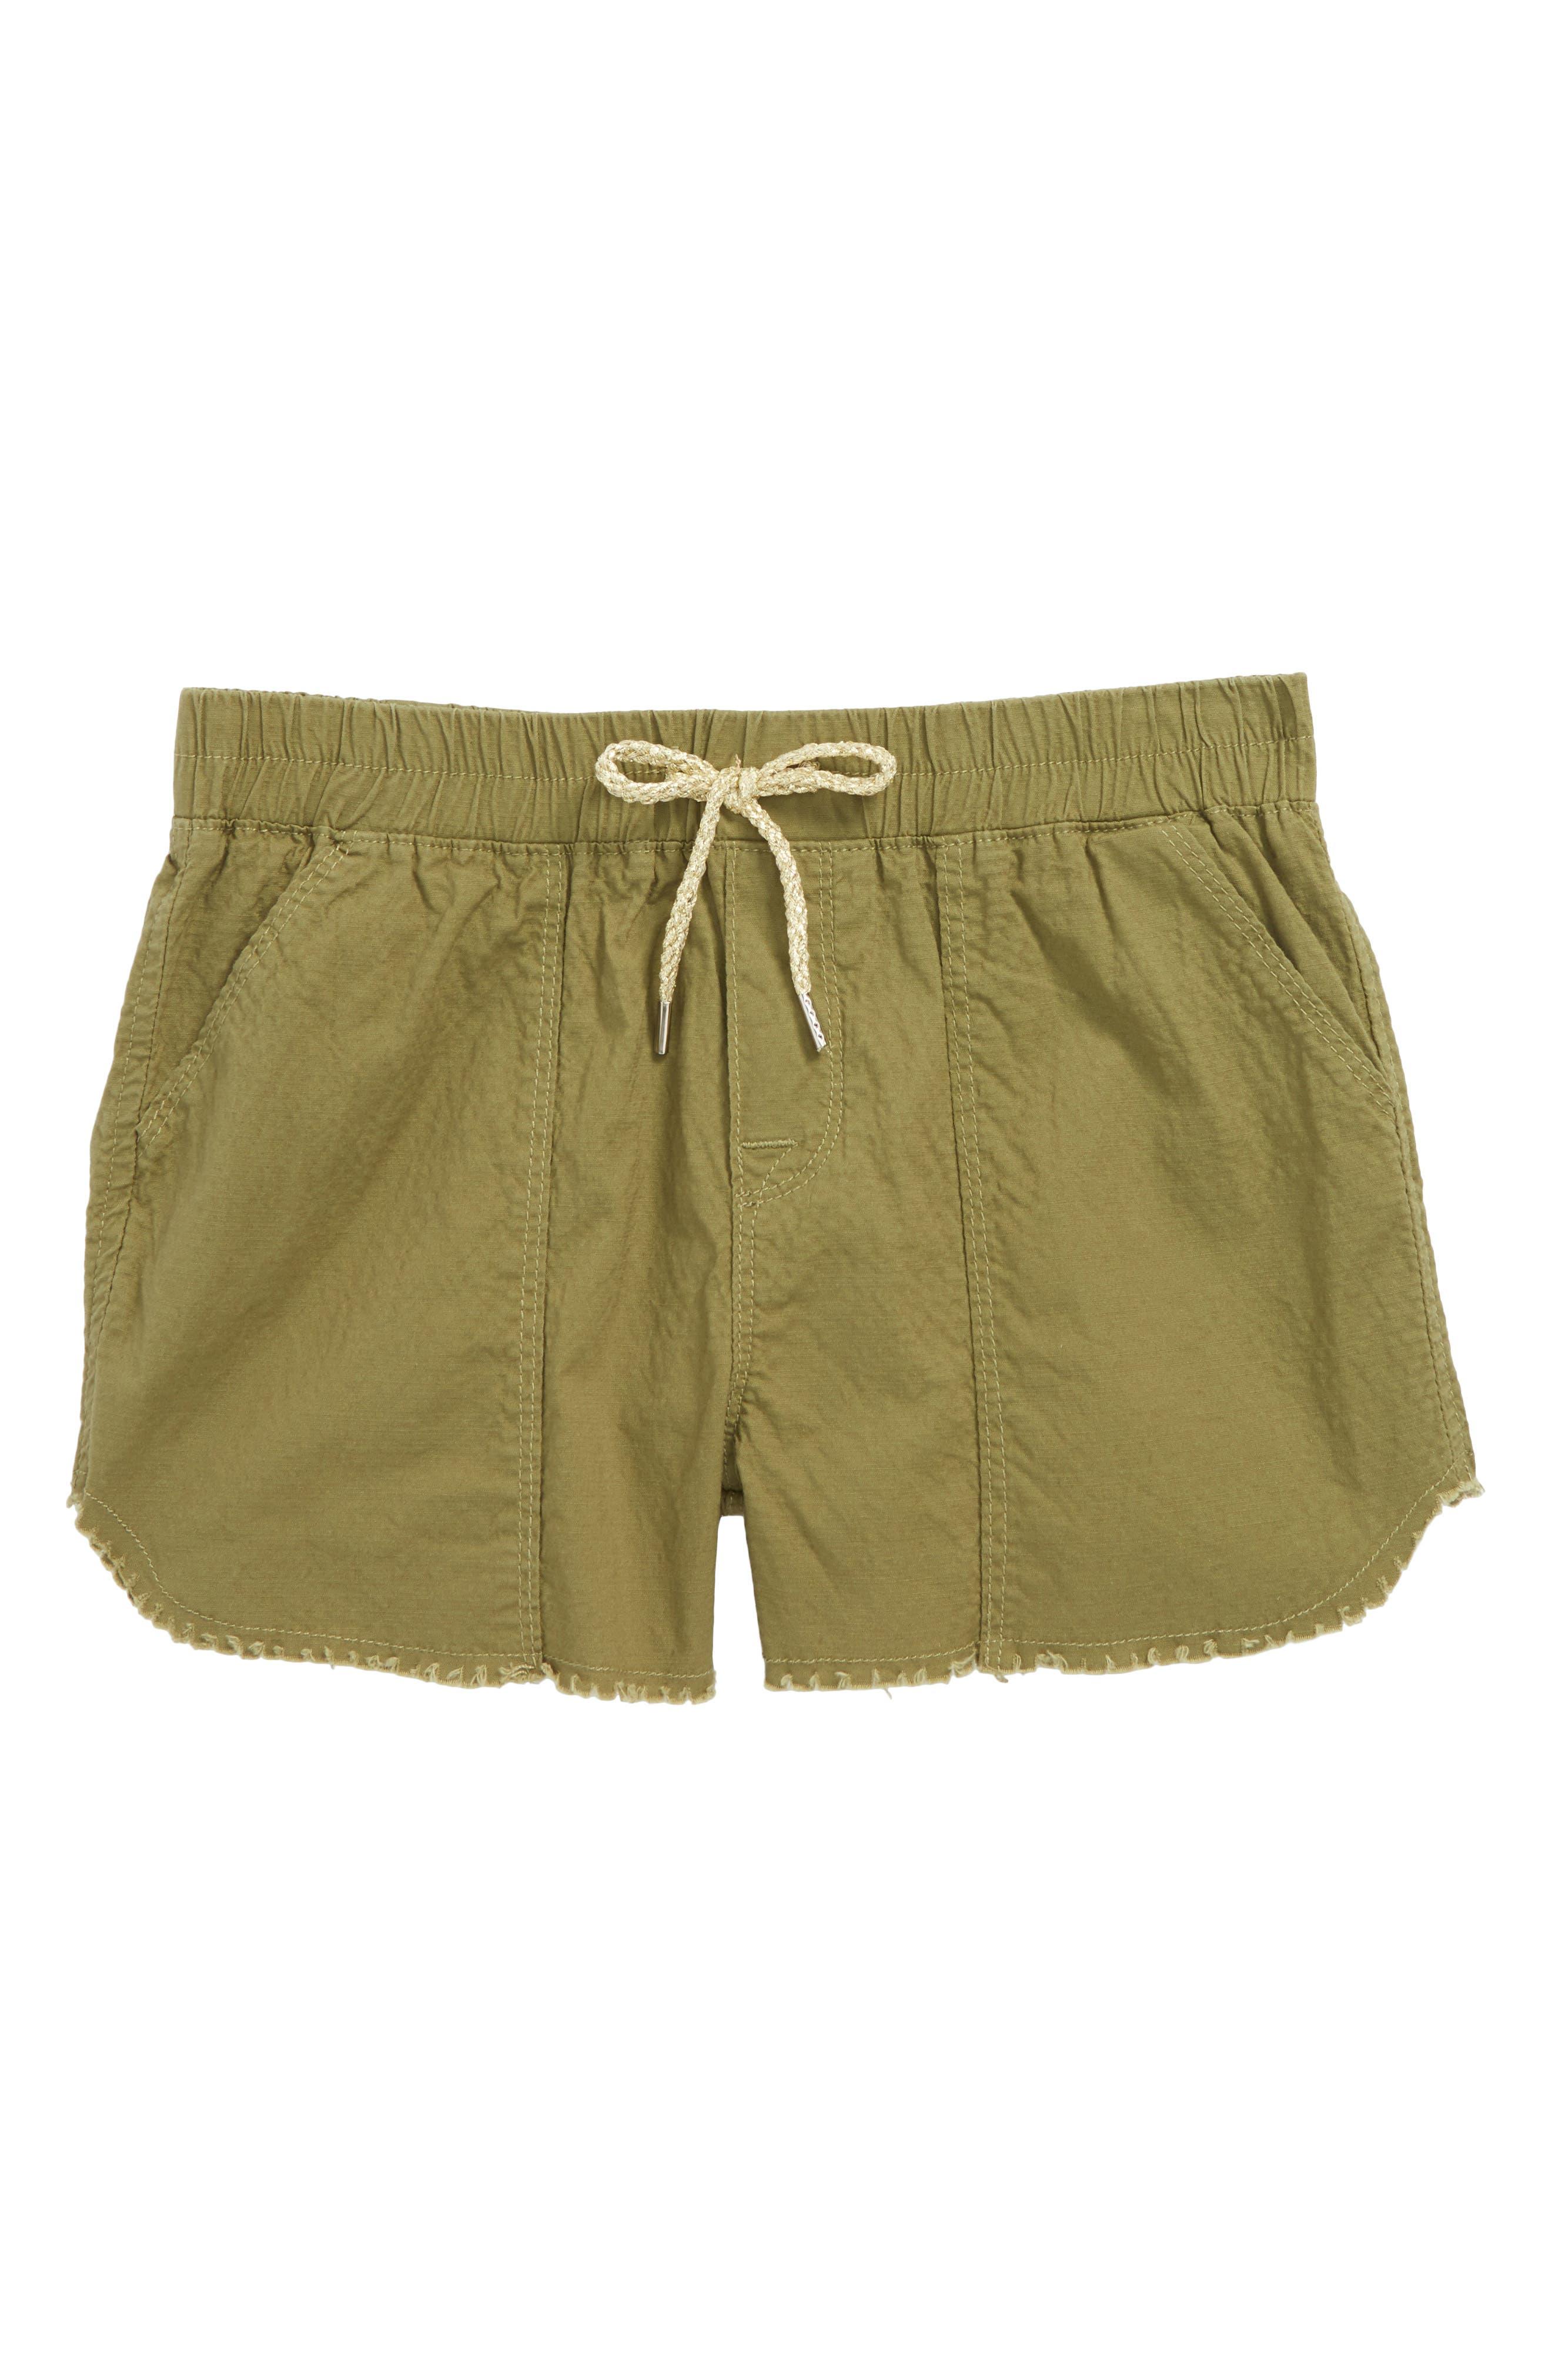 Surplus Chambray Shorts,                             Main thumbnail 1, color,                             300